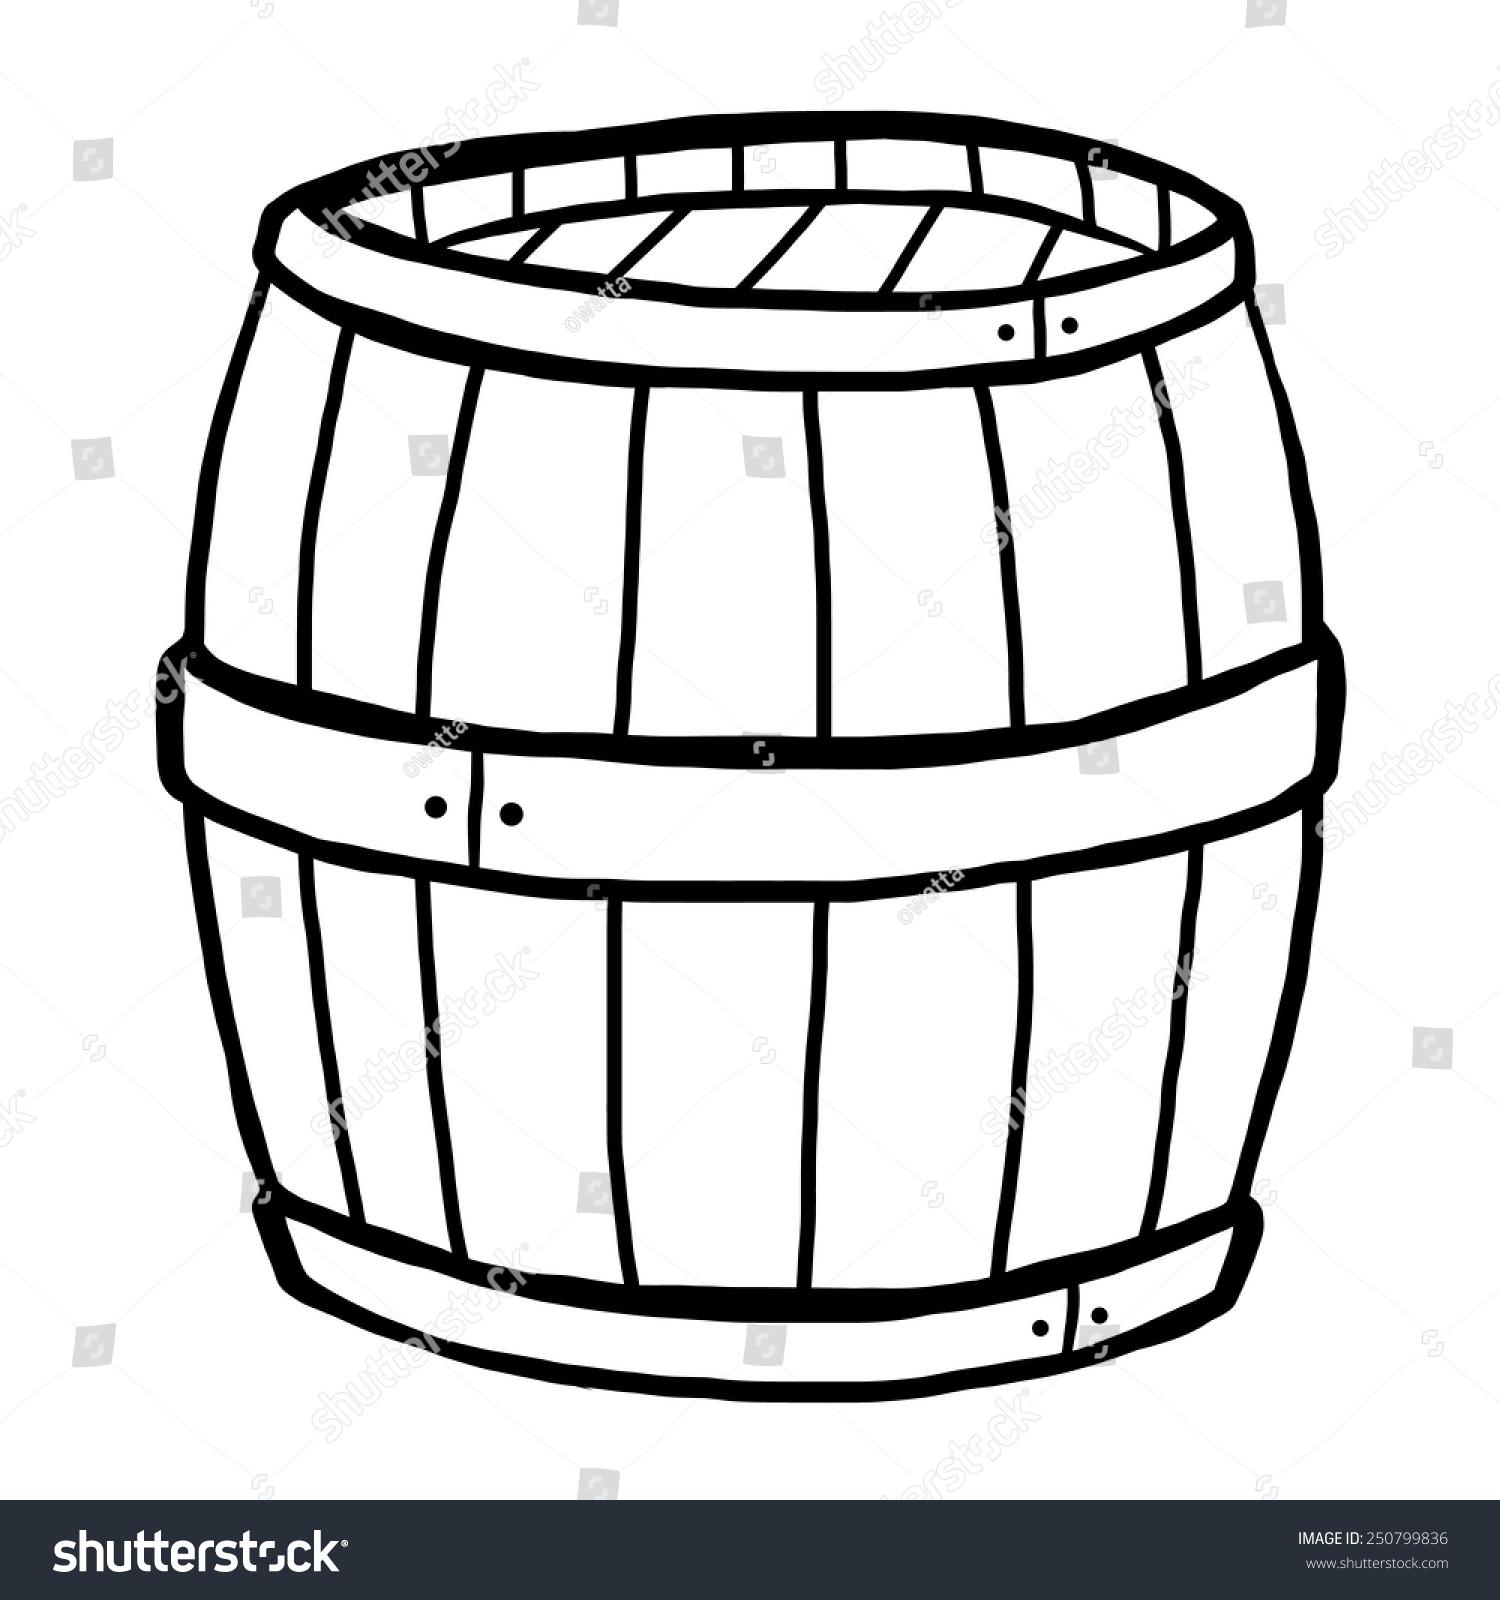 532 Barrel free clipart.